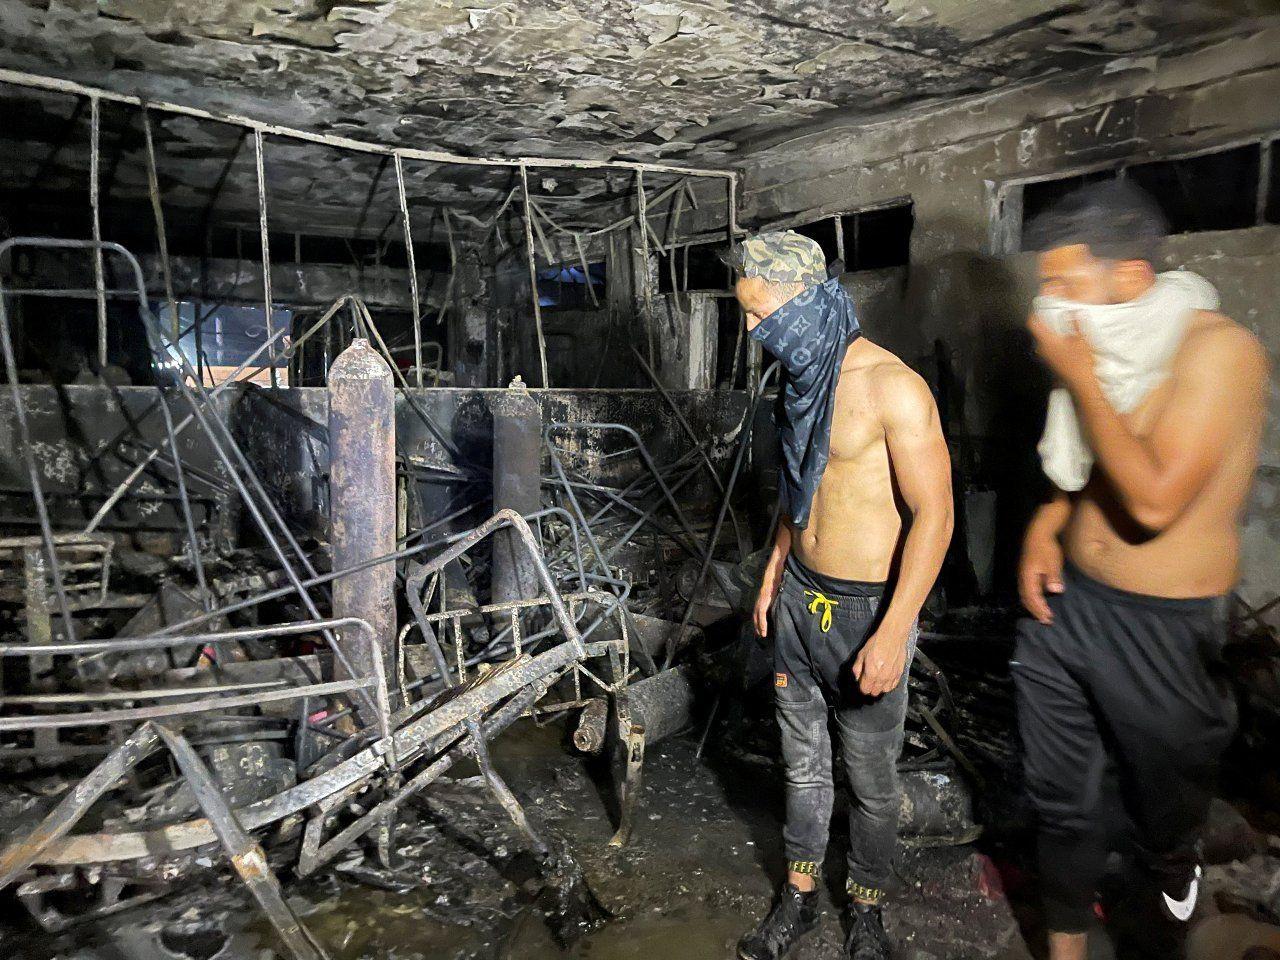 Bağdat'taki hastane yangınında ölü sayısı 82'ye yükseldi, görgü tanığı 'Herkes atlıyordu' dedi - Sayfa 1